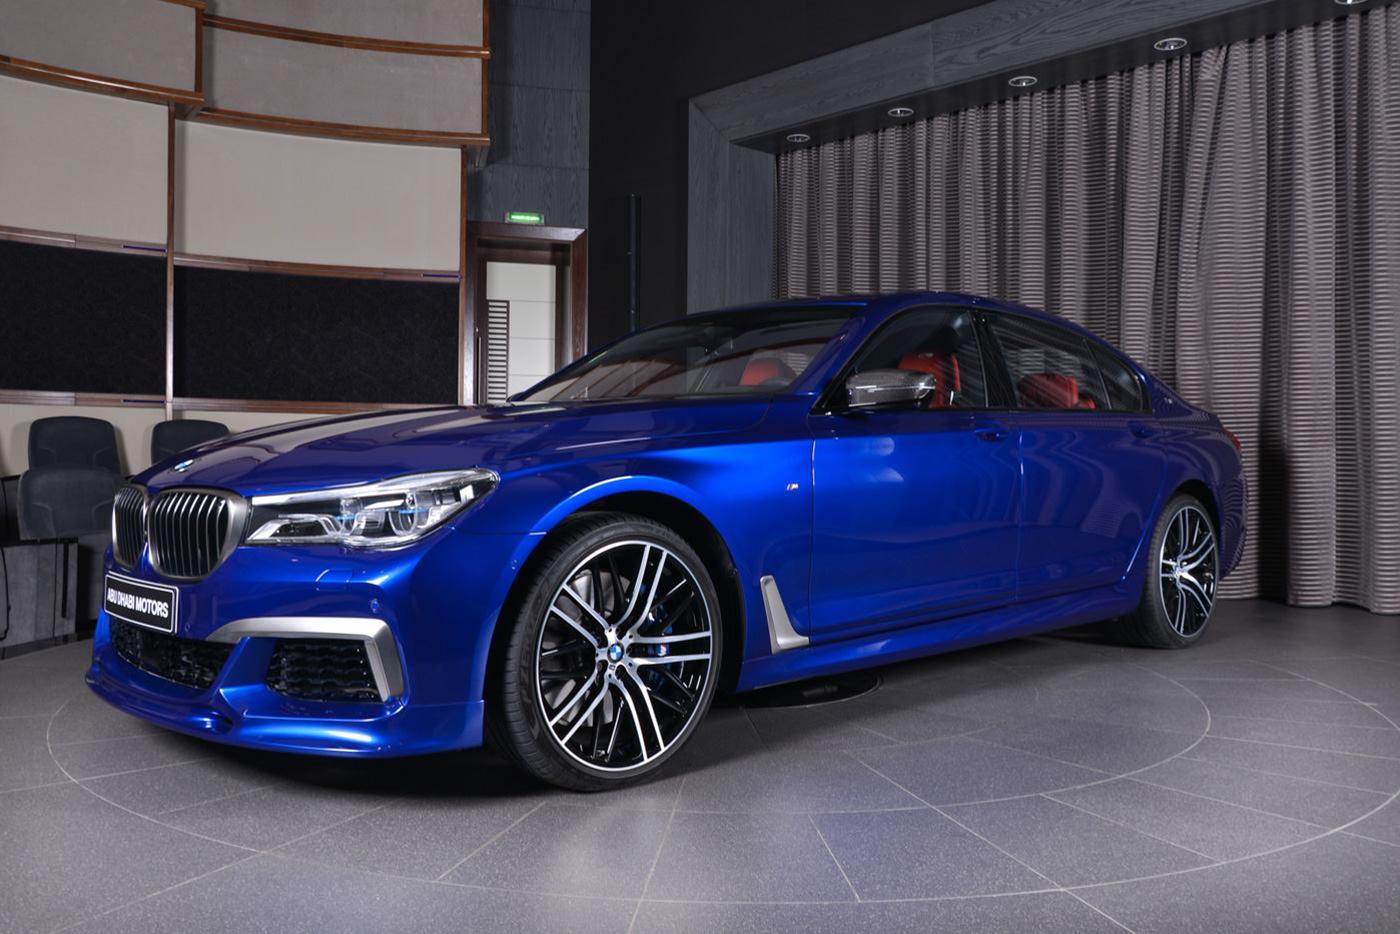 bmw-m760li-san-marino-blue-2.jpg